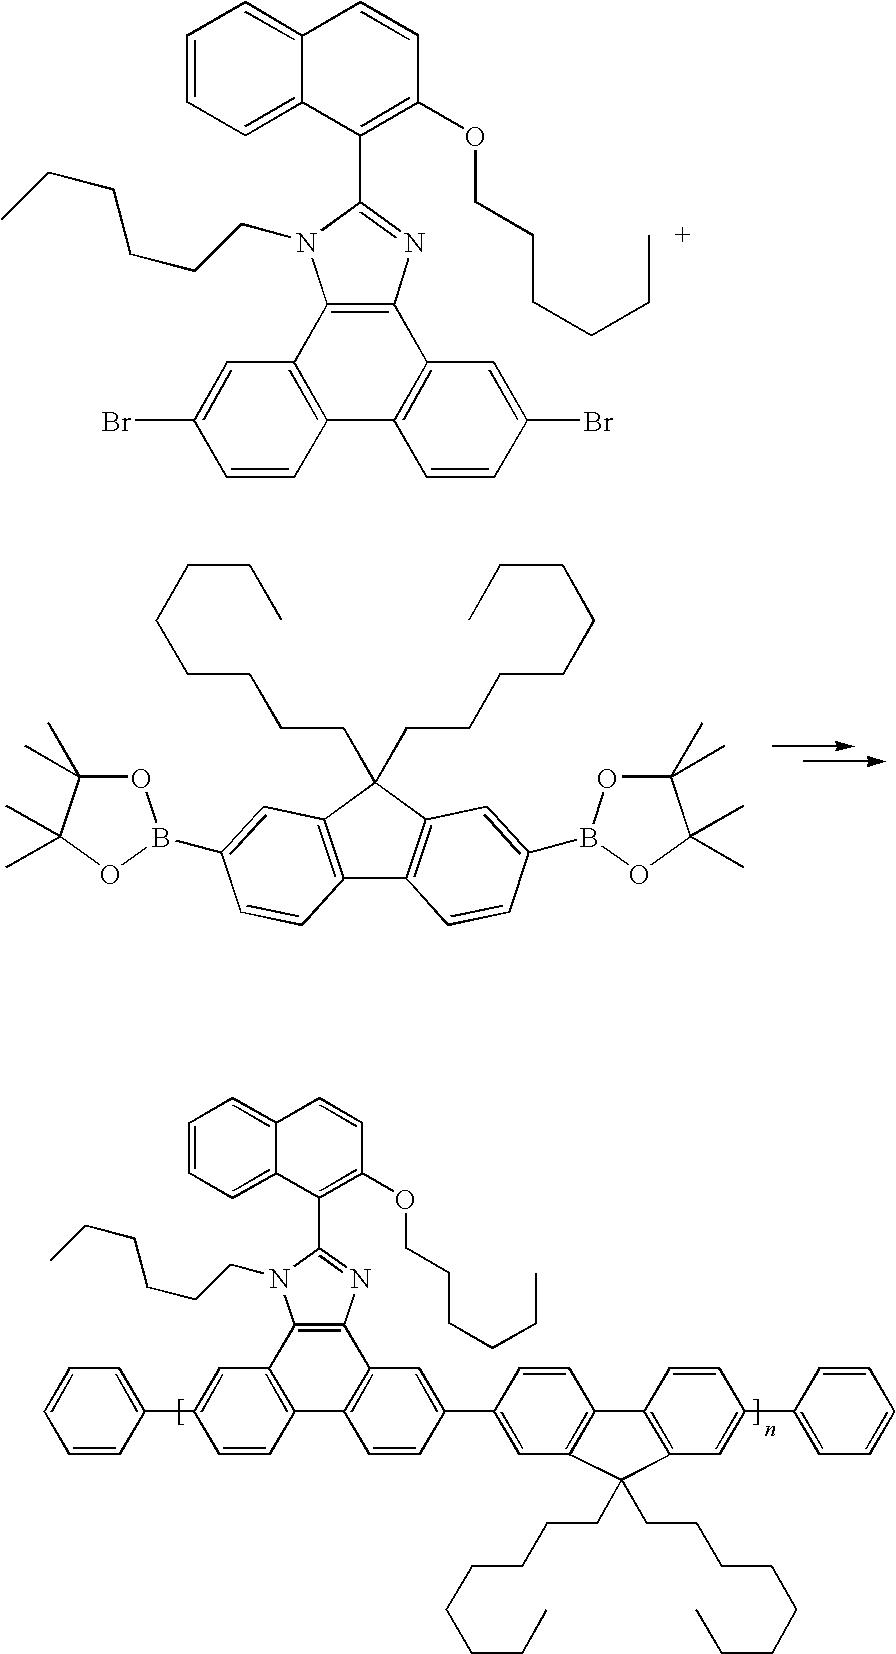 Figure US20090105447A1-20090423-C00176